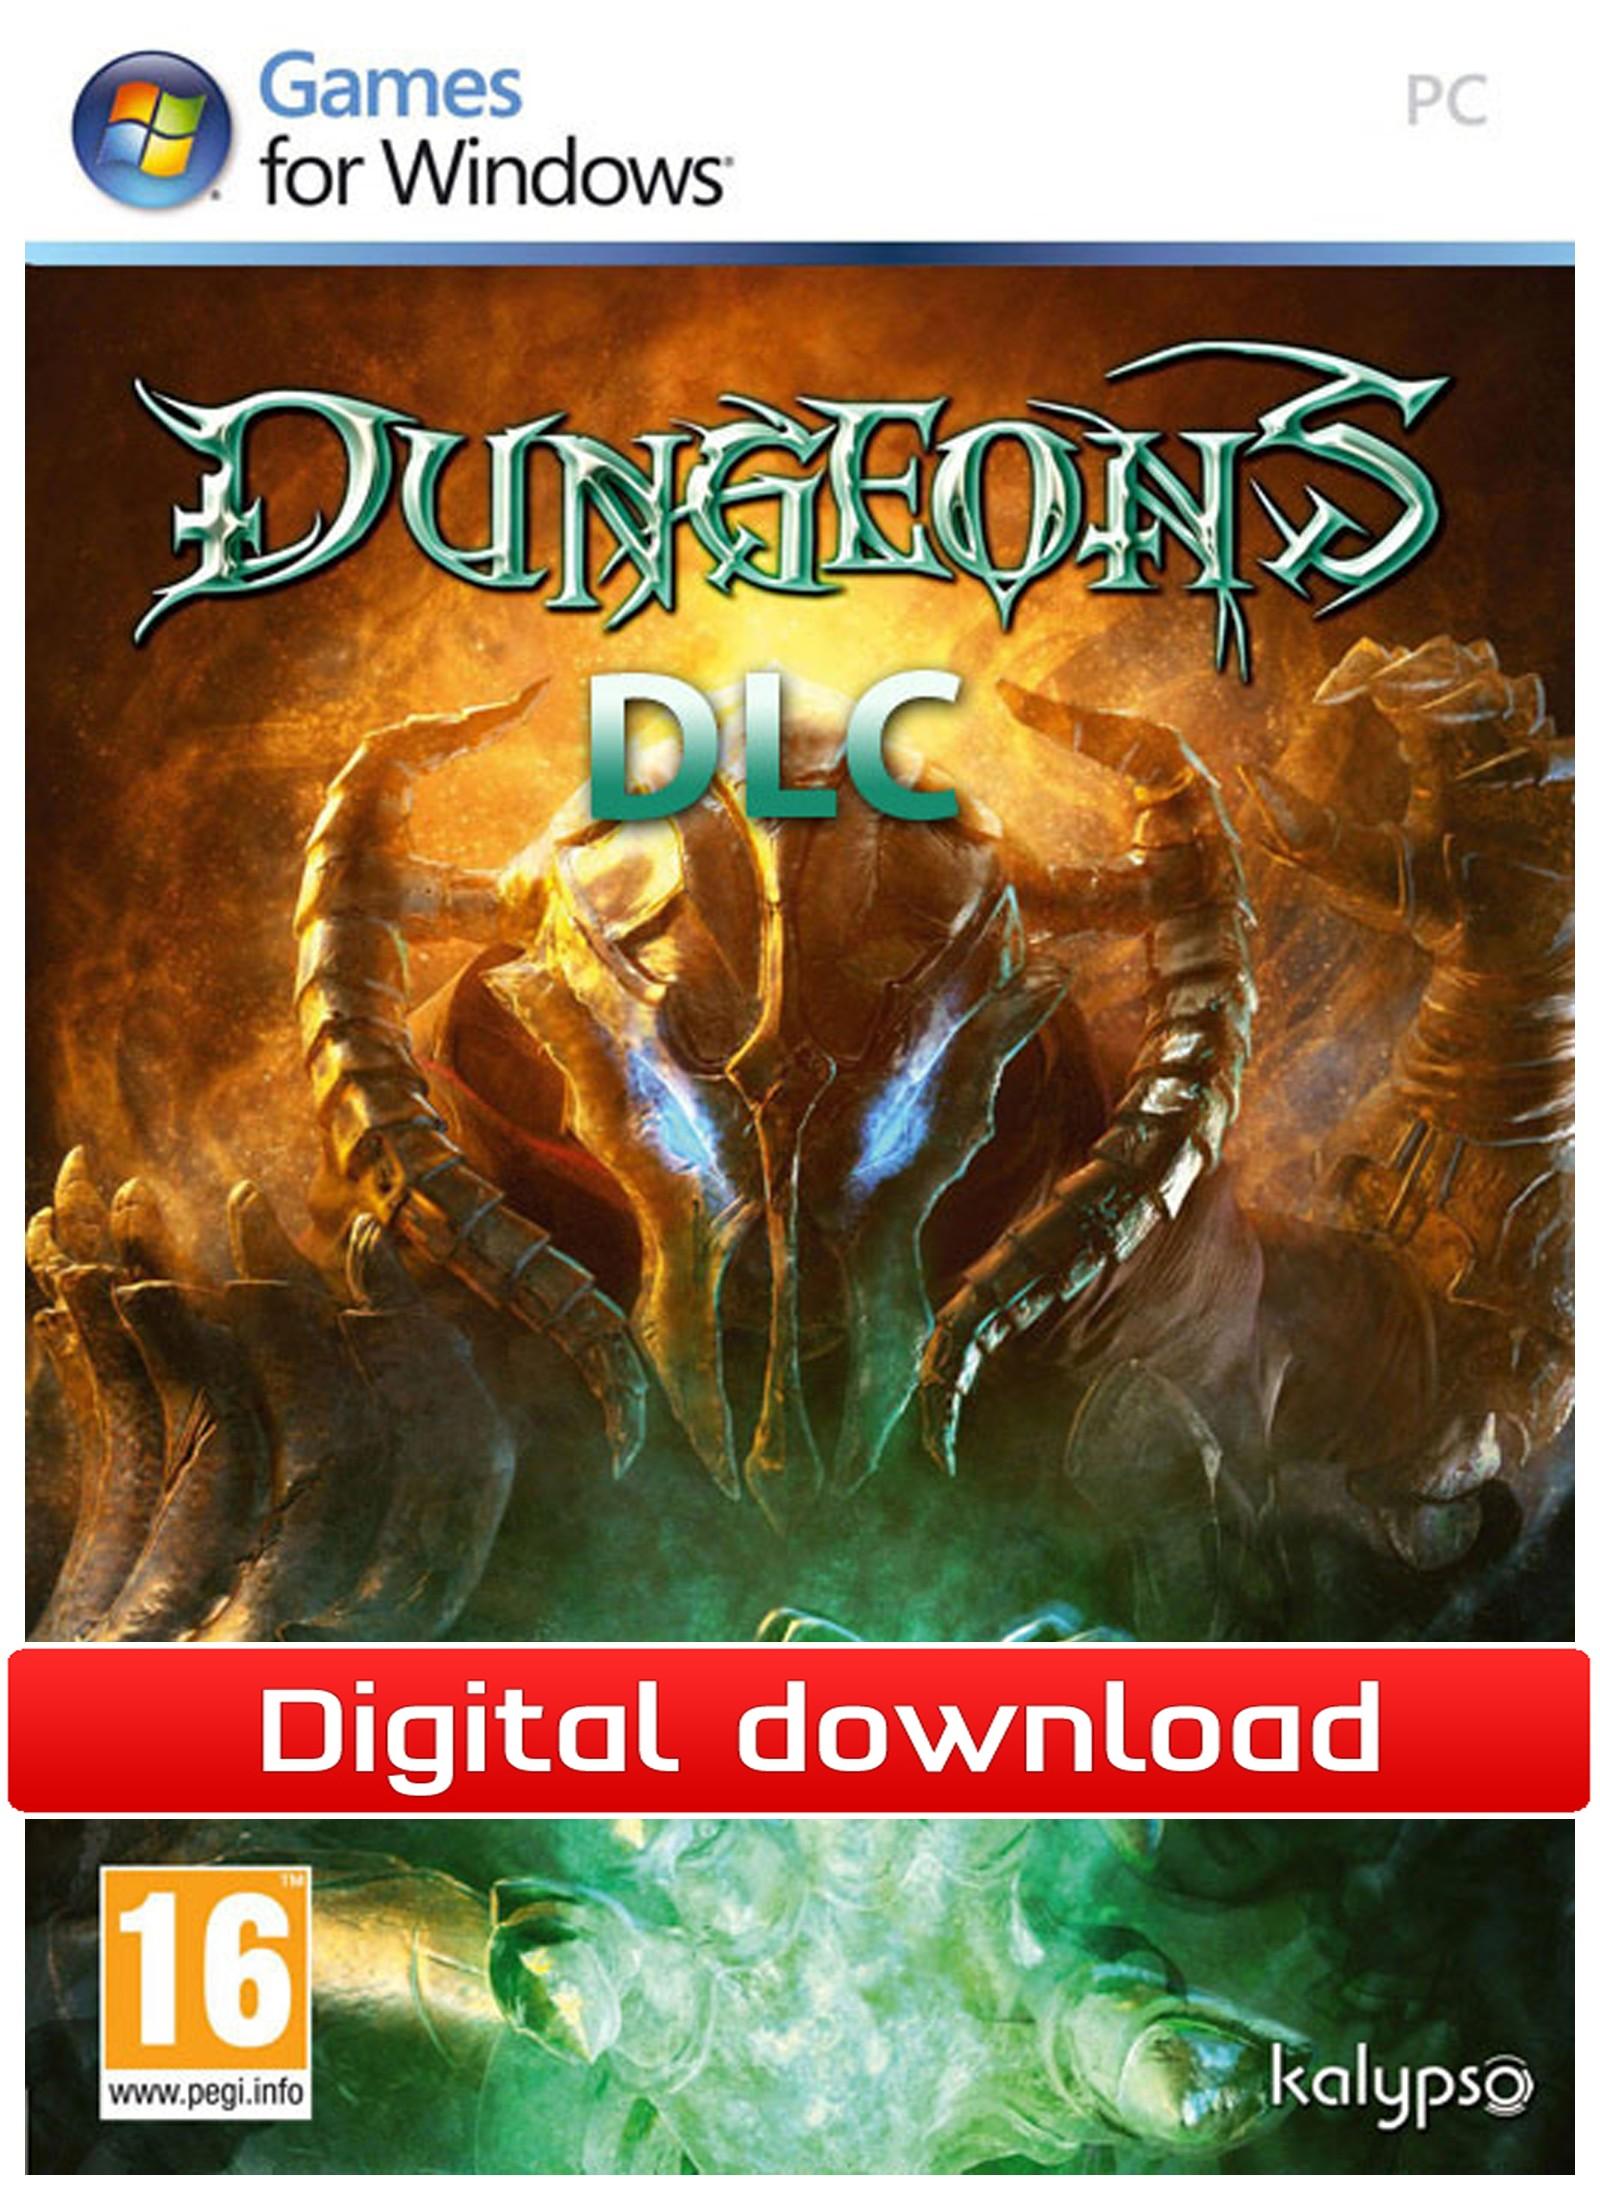 Dungeons DLC pack 2 (PC nedlastning) PCDD27073